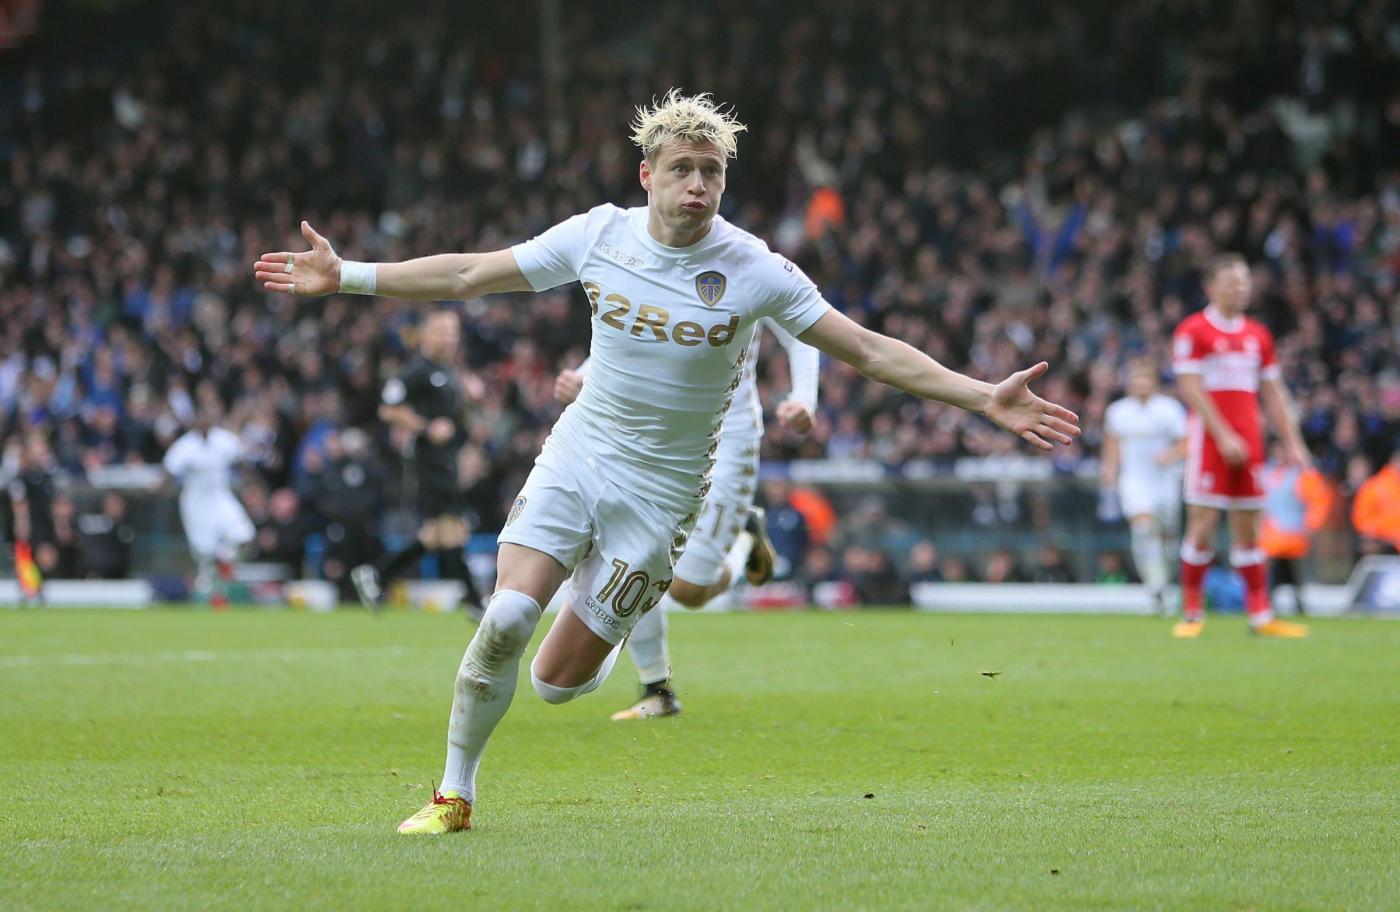 Ipswich-Leeds 5 maggio: si gioca per l'ultima giornata della Serie B inglese. Gli ospiti sono favoriti per i 3 punti in palio.